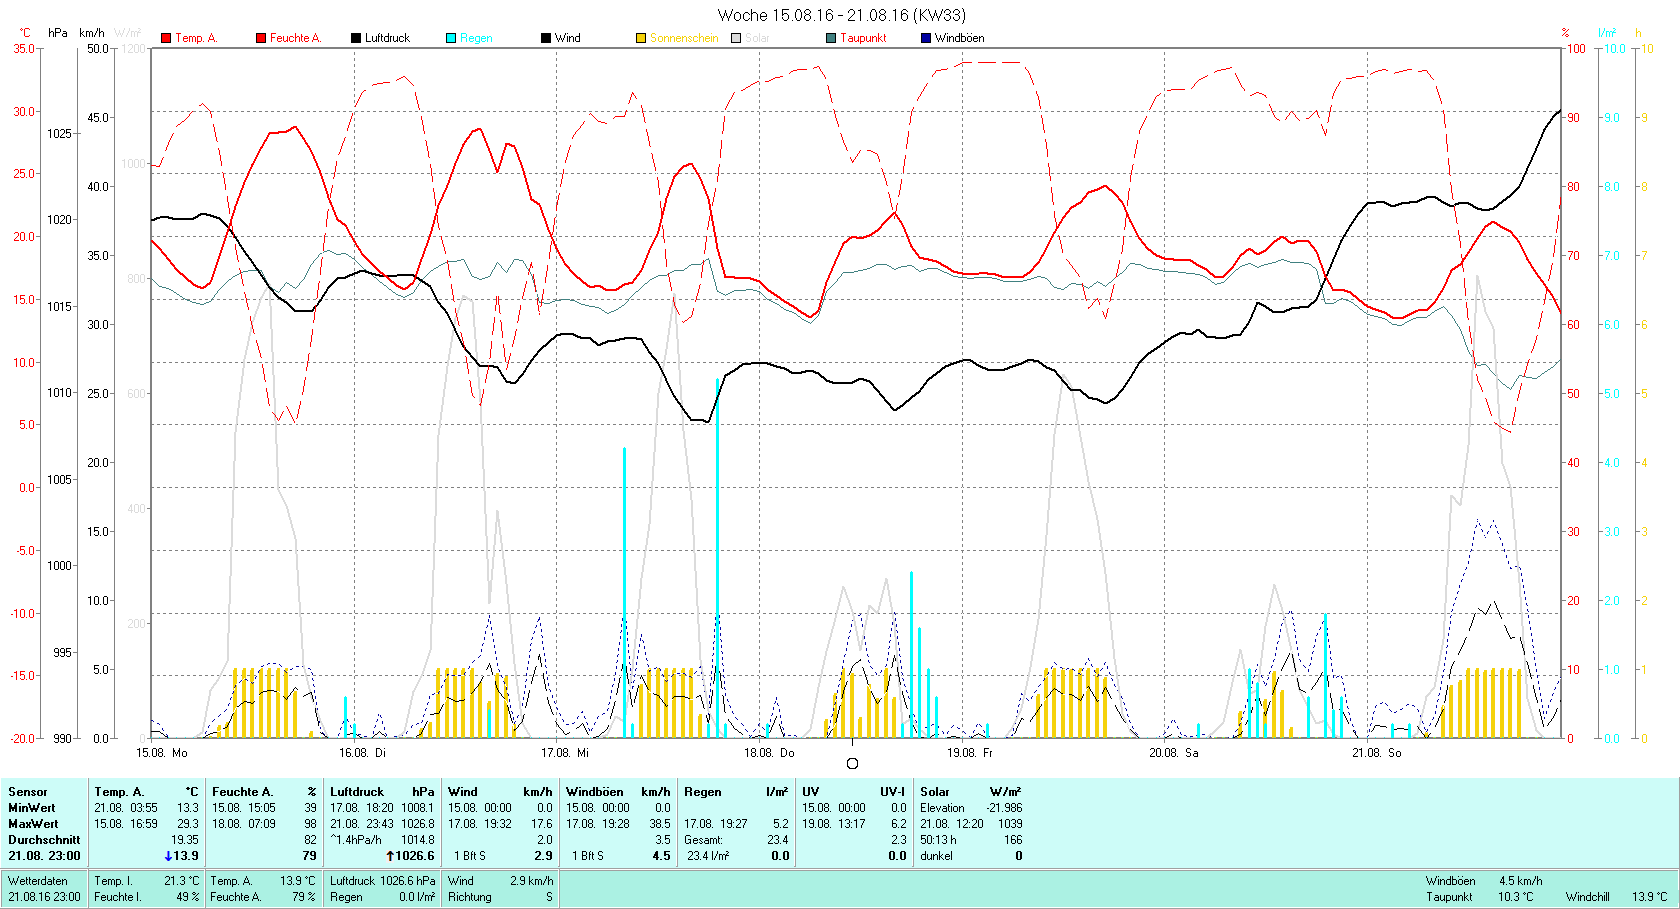 KW 33 Tmin 13.3°C, Tmax 29.3°C, Sonne 50:13h, Niederschlag 23.4mm/2